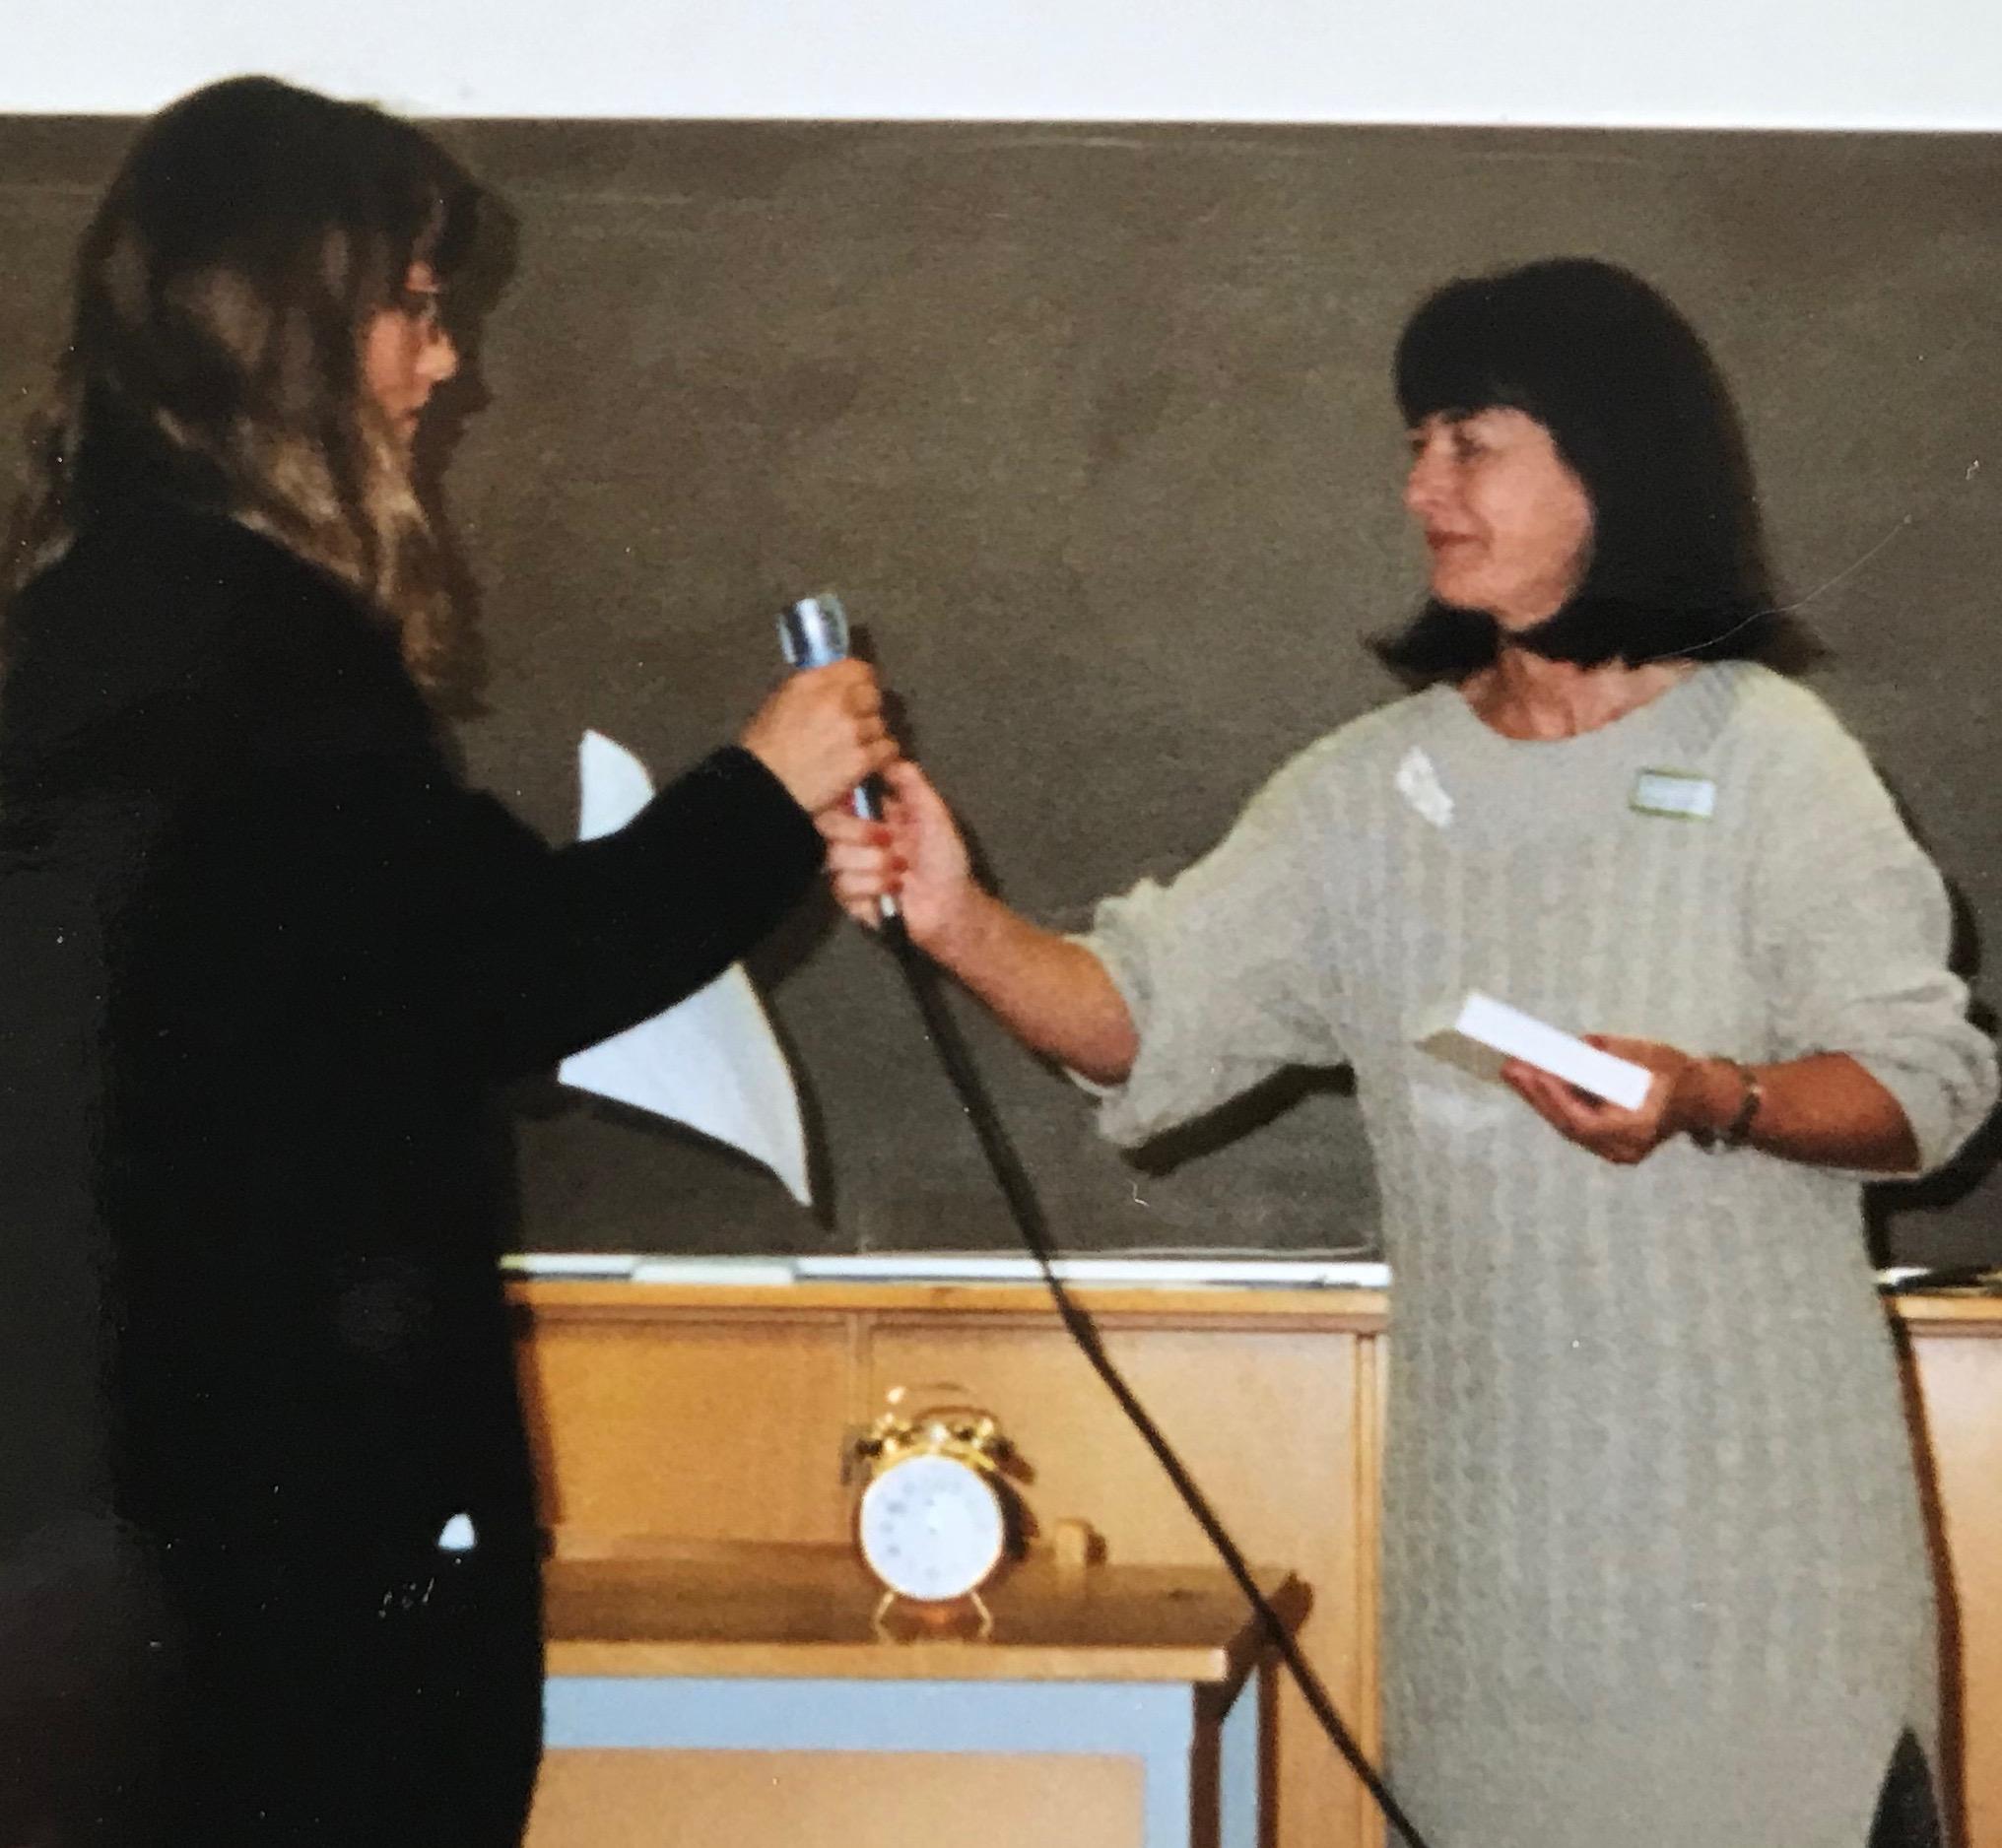 Marianne Enge överlämnar väckarklockepriset till Ann Frisell från tidskriften BANG